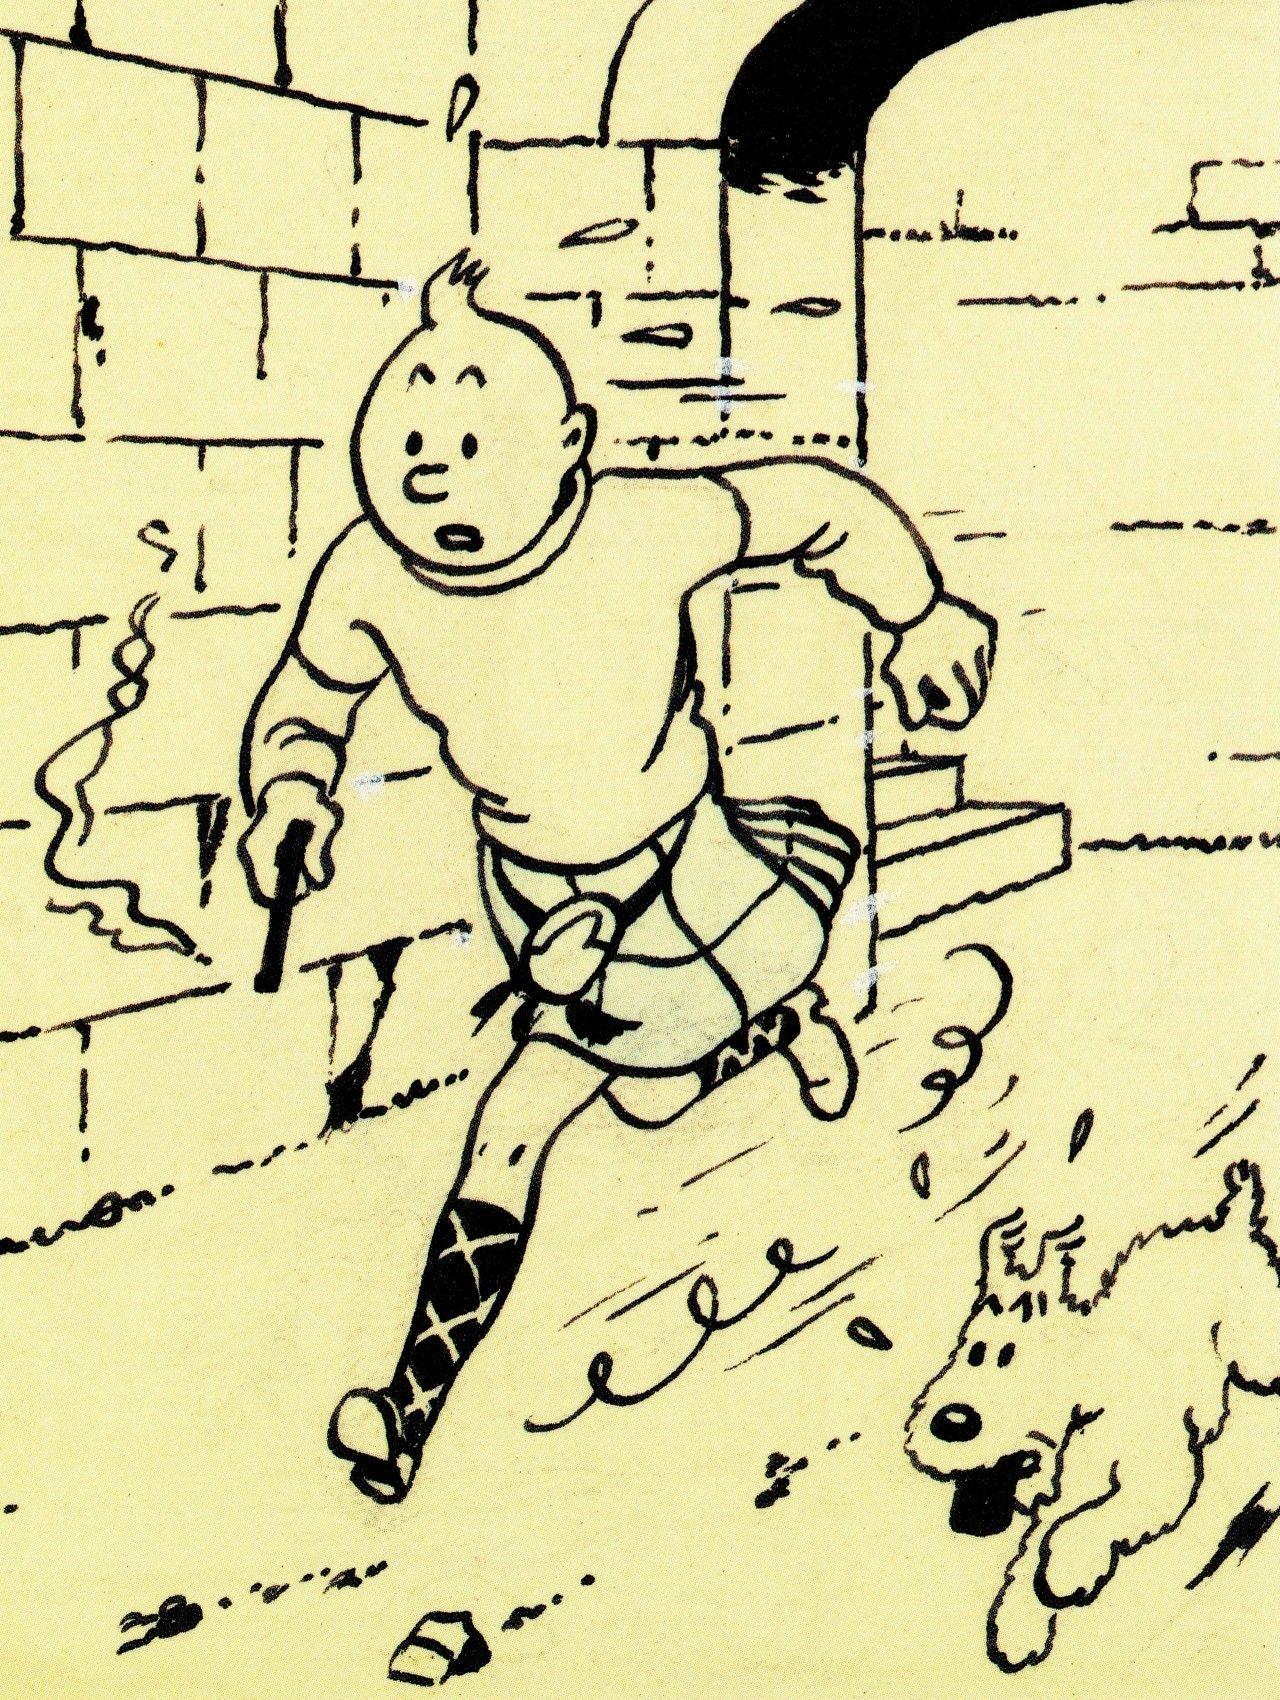 Toronto Draws Tintin Art About The Adventures Of Tintin Photo